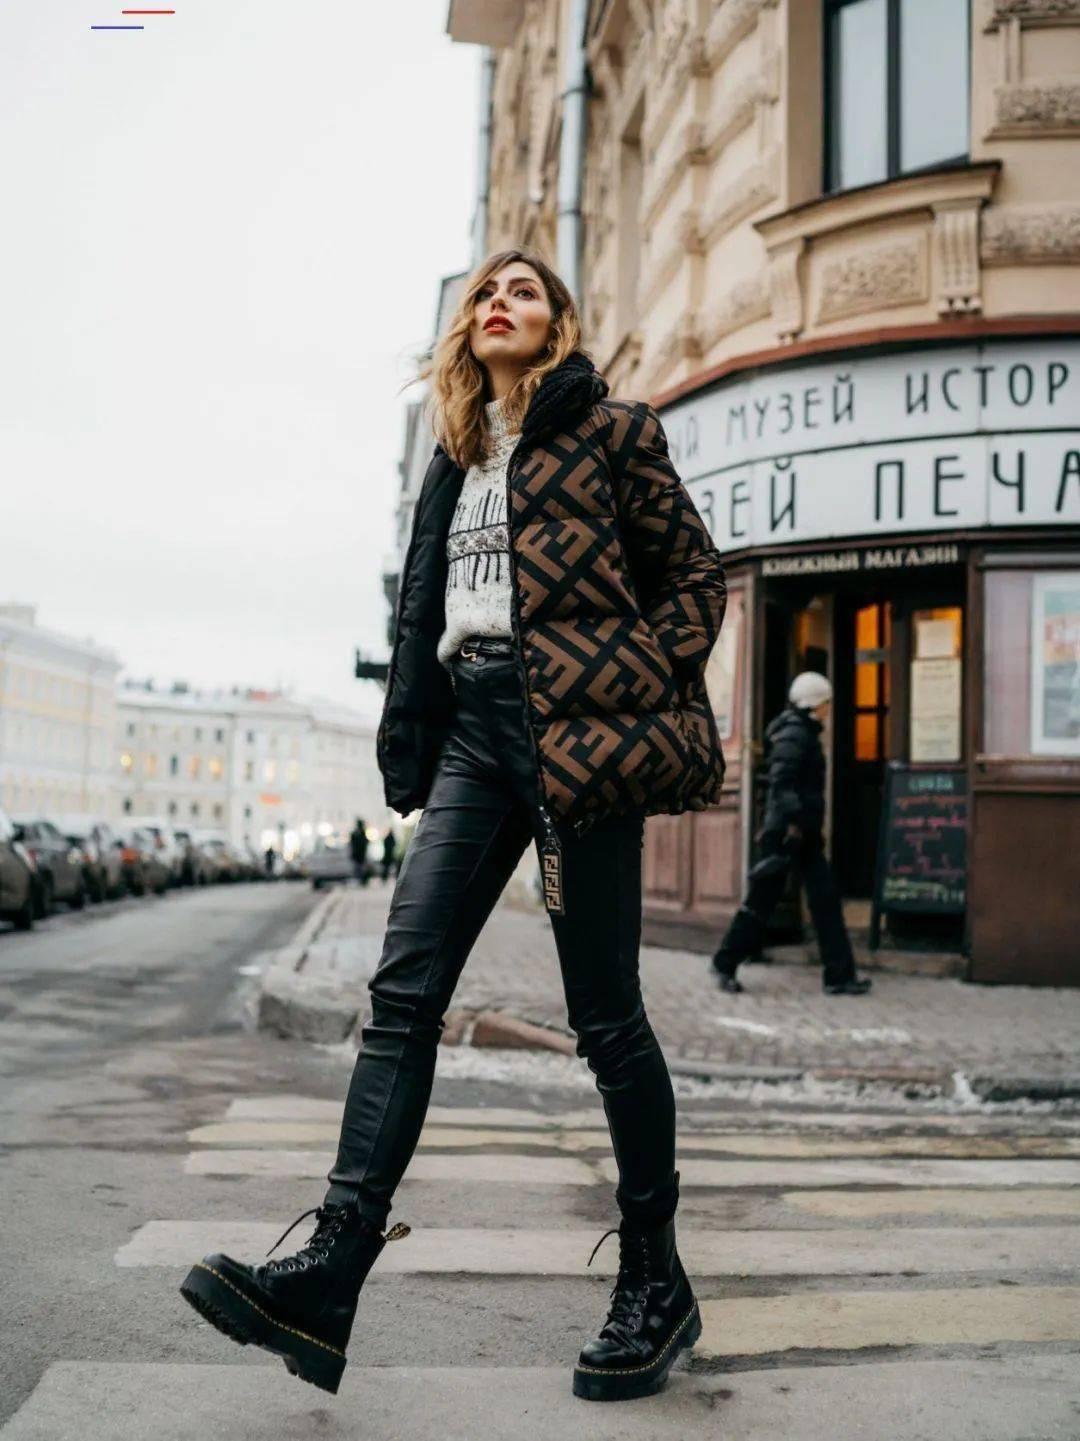 马丁靴+裙子,马丁靴+工装裤……又酷又撩,时髦炸了!     第59张